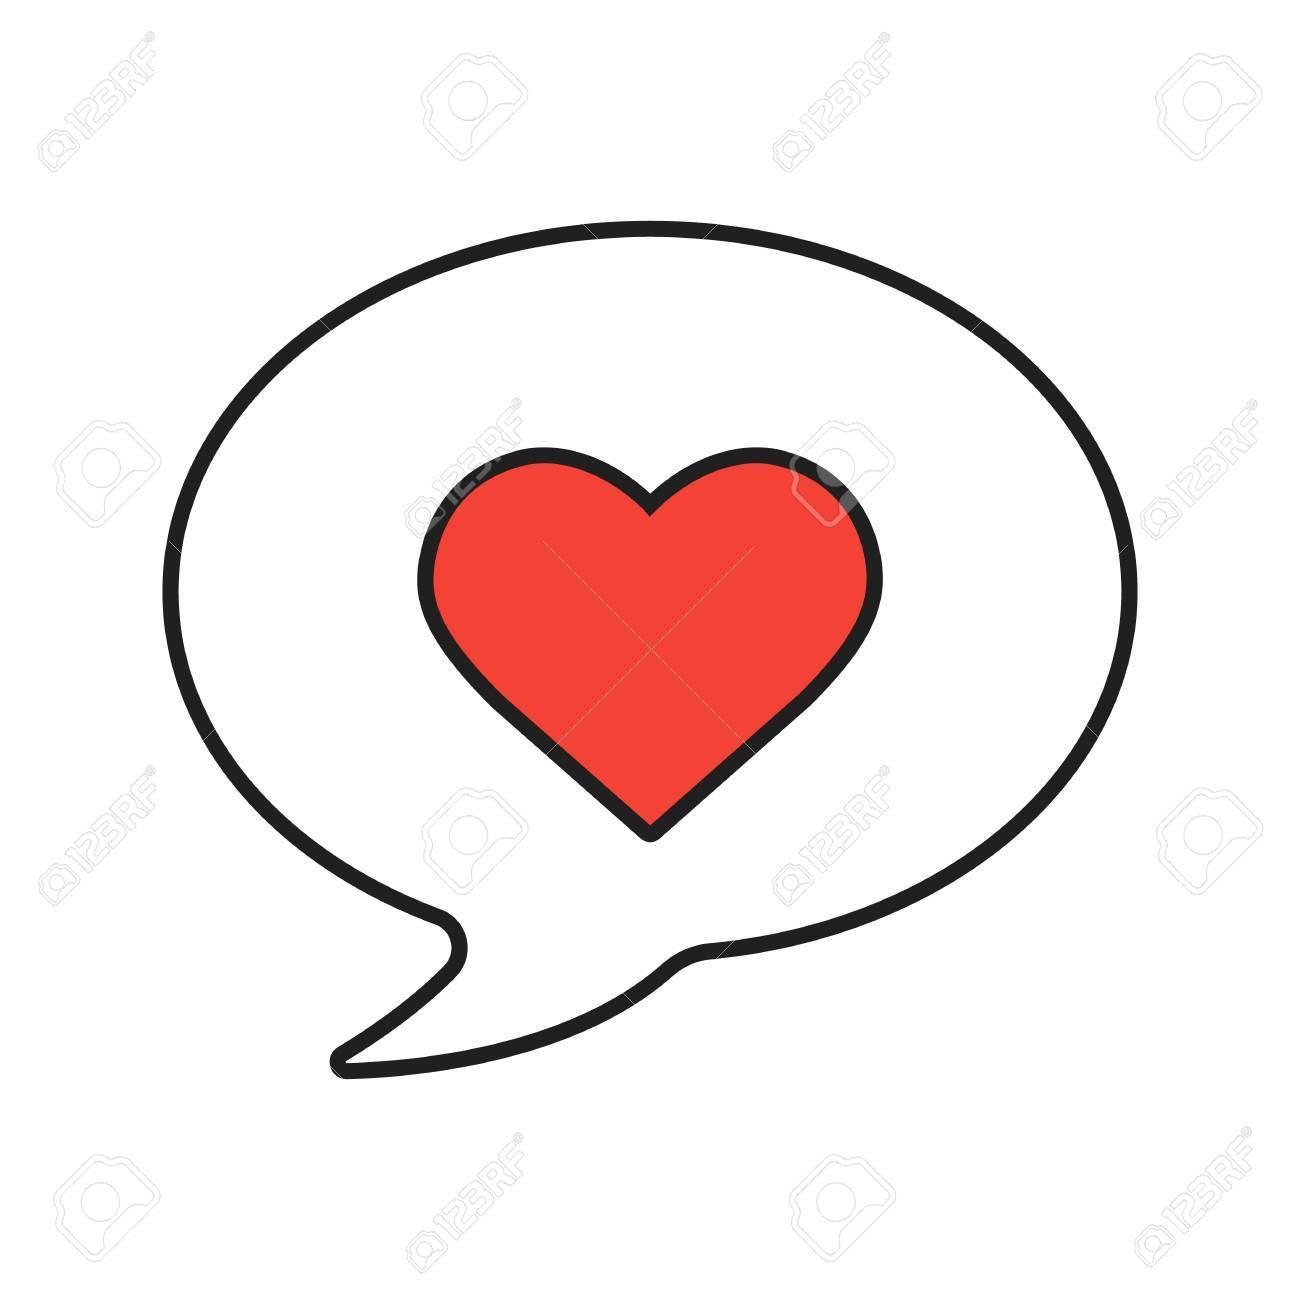 Icône Linéaire Damour Message Illustration De La Ligne Mince Sms Romantique Avec Symbole De Contour Du Coeur Dessin De Contour Isolé Vector